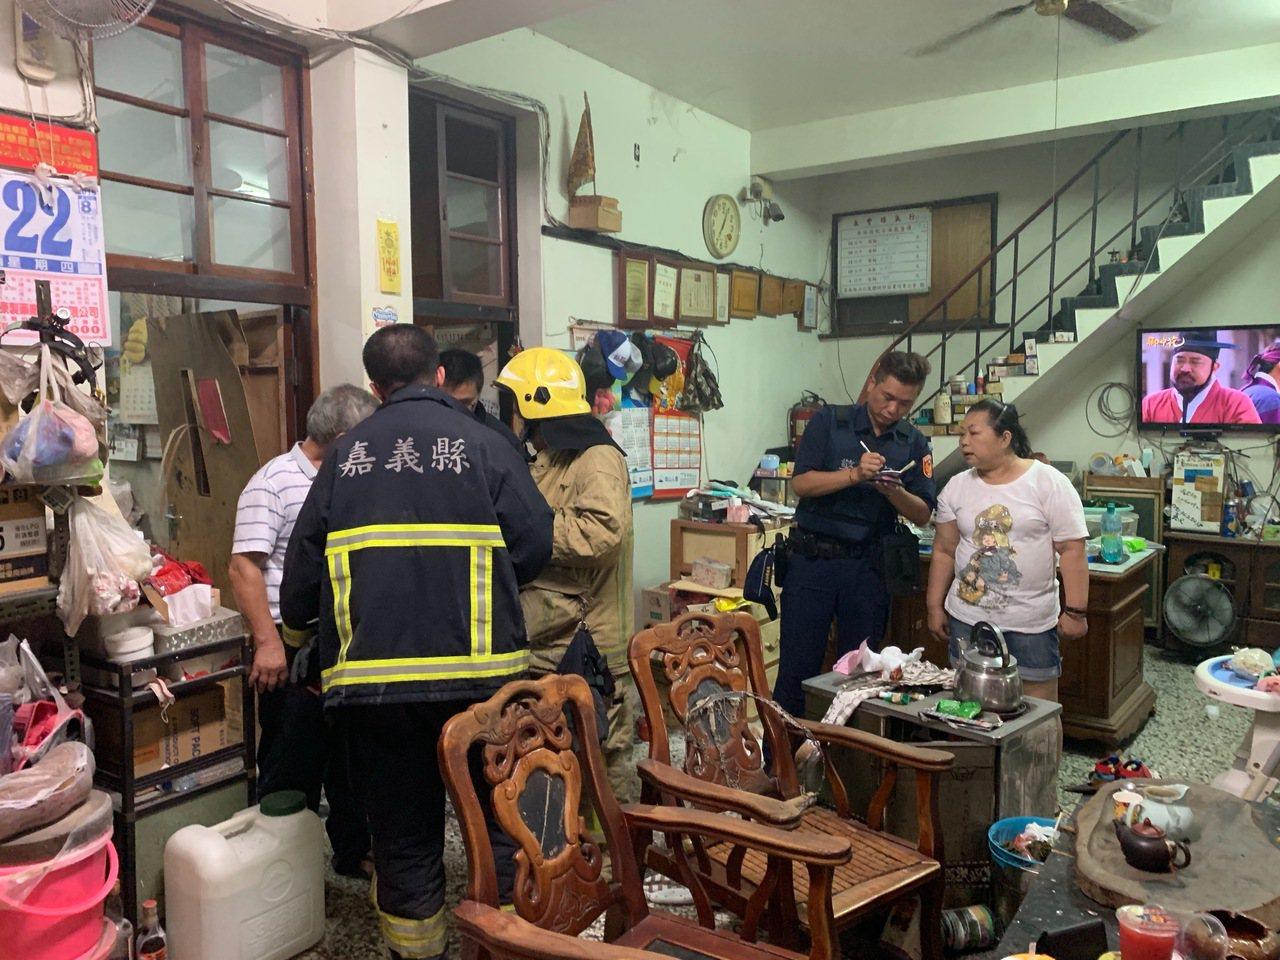 民雄鄉一處民宅疑似瓦斯燃燒不完全引發火警。記者卜敏正/翻攝